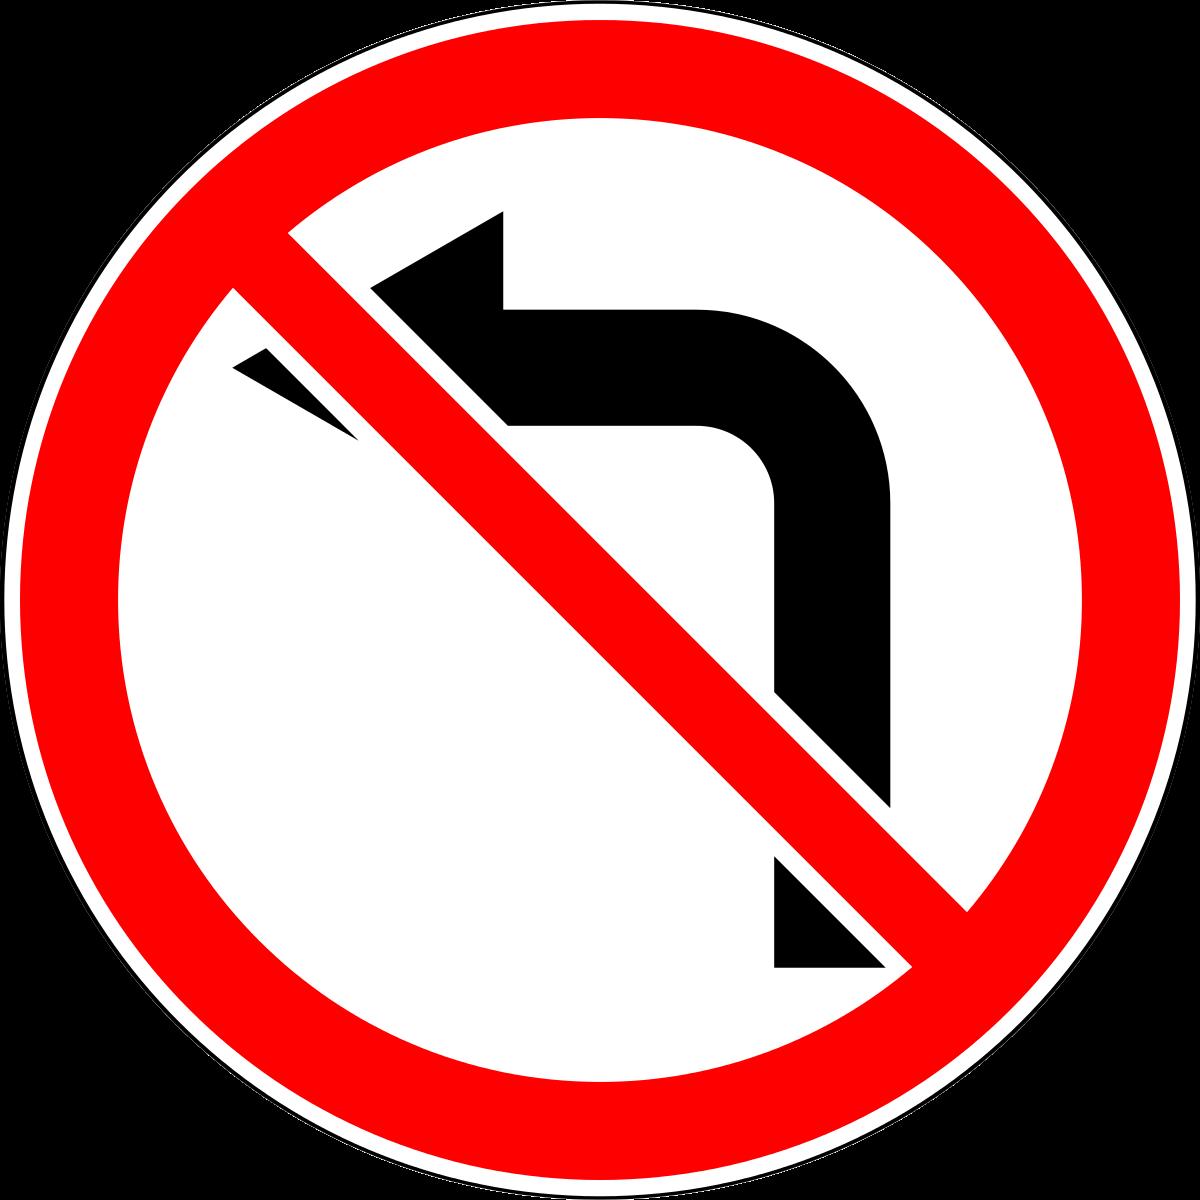 Знак 3.18.2 Поворот налево запрещен